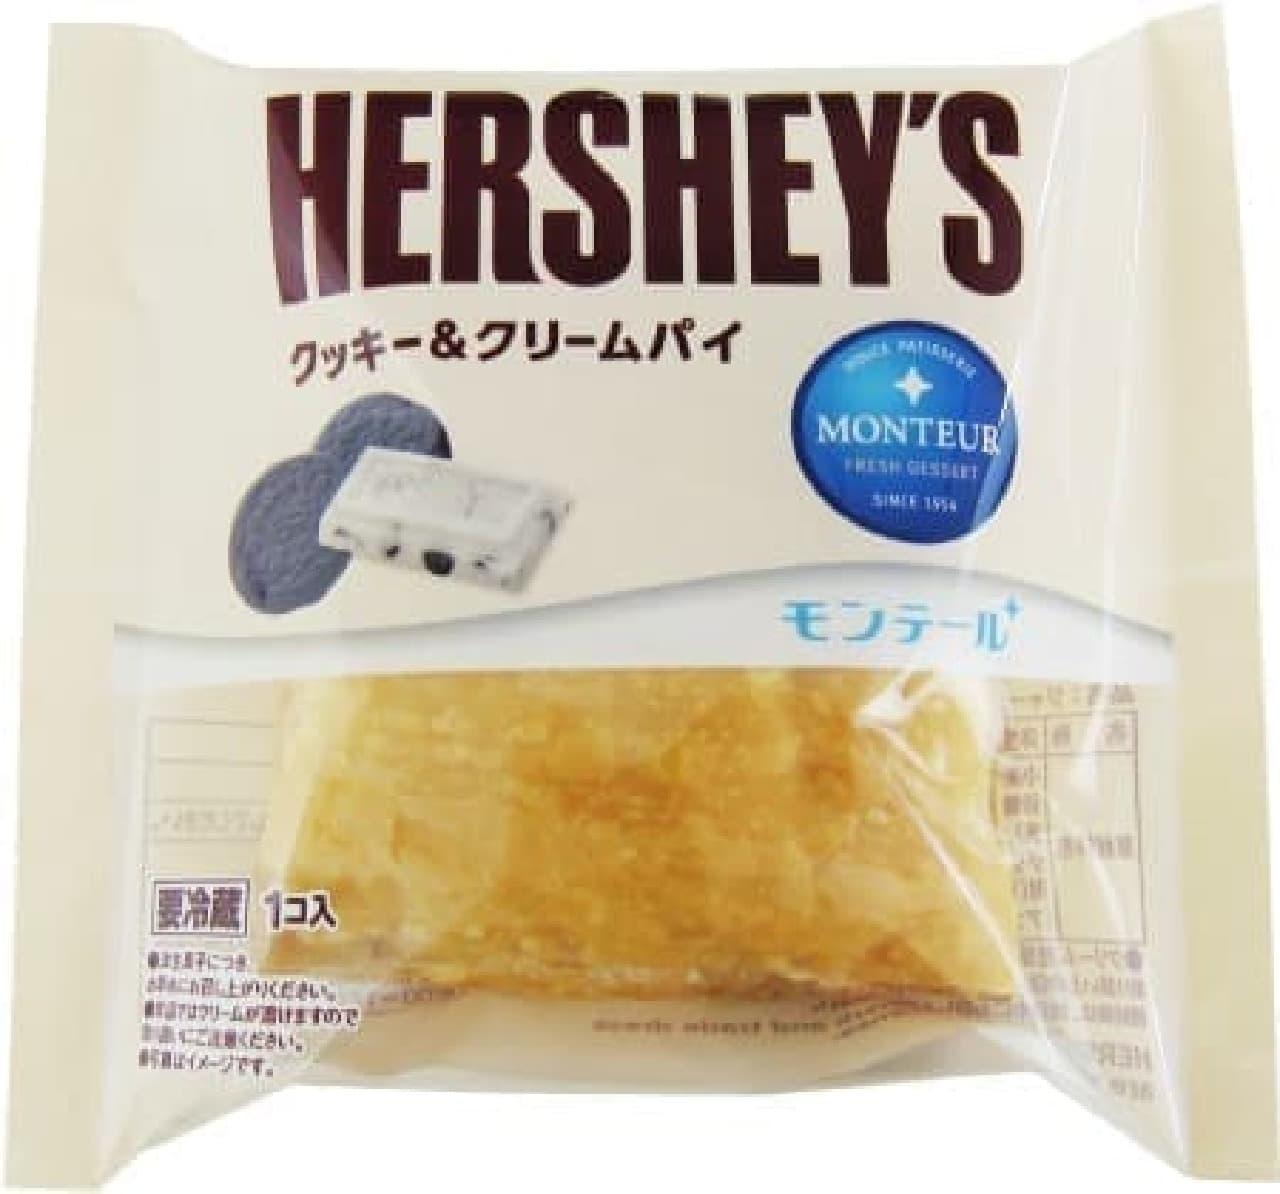 モンテール「HERSHEY'S クッキー&クリームパイ」